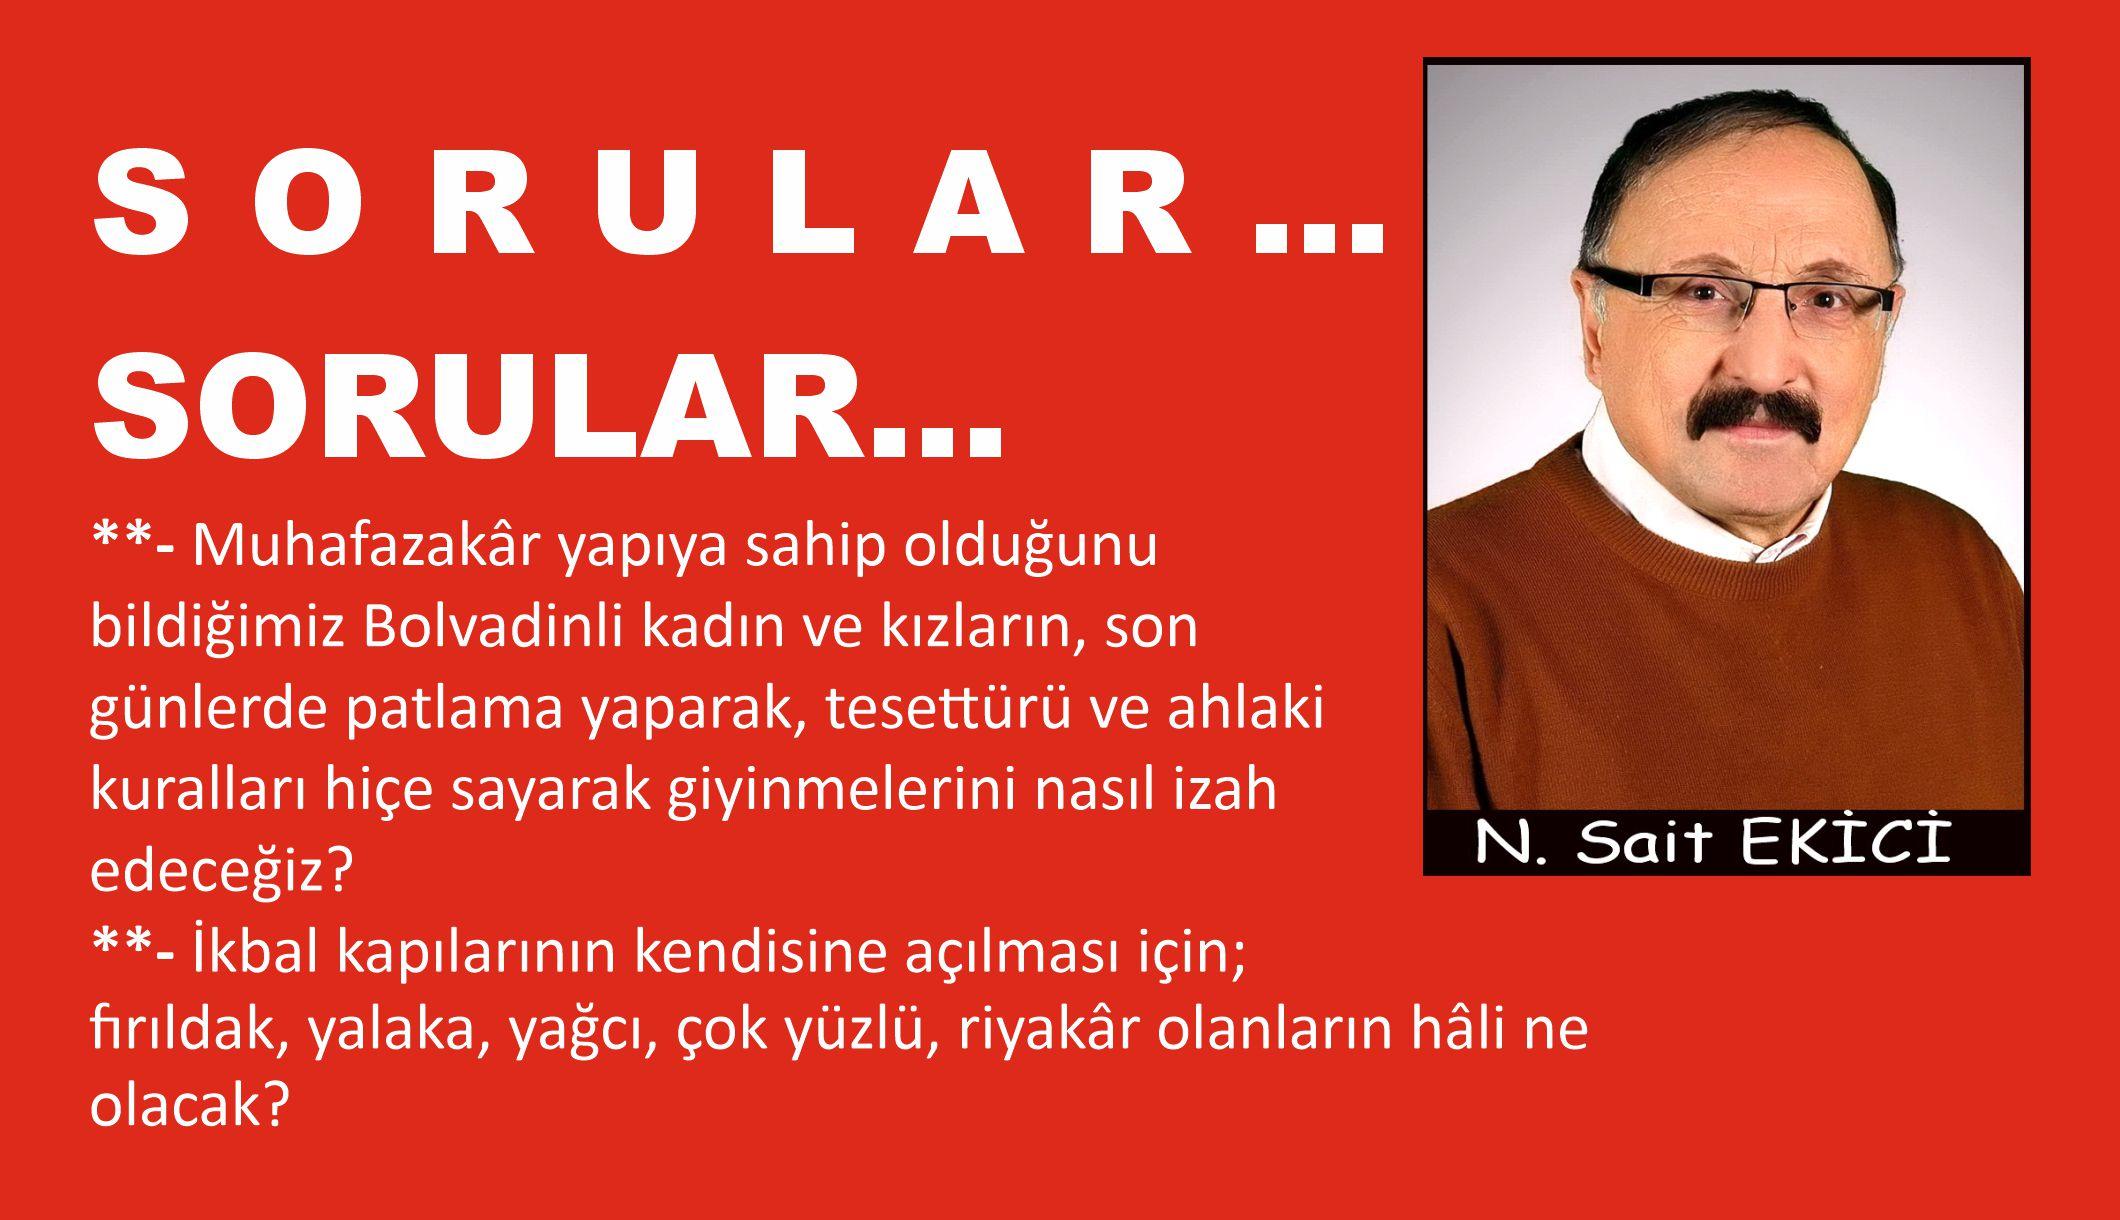 sorular-sorular_ab154ee7-de08-4b43-7327-08d99791bedb